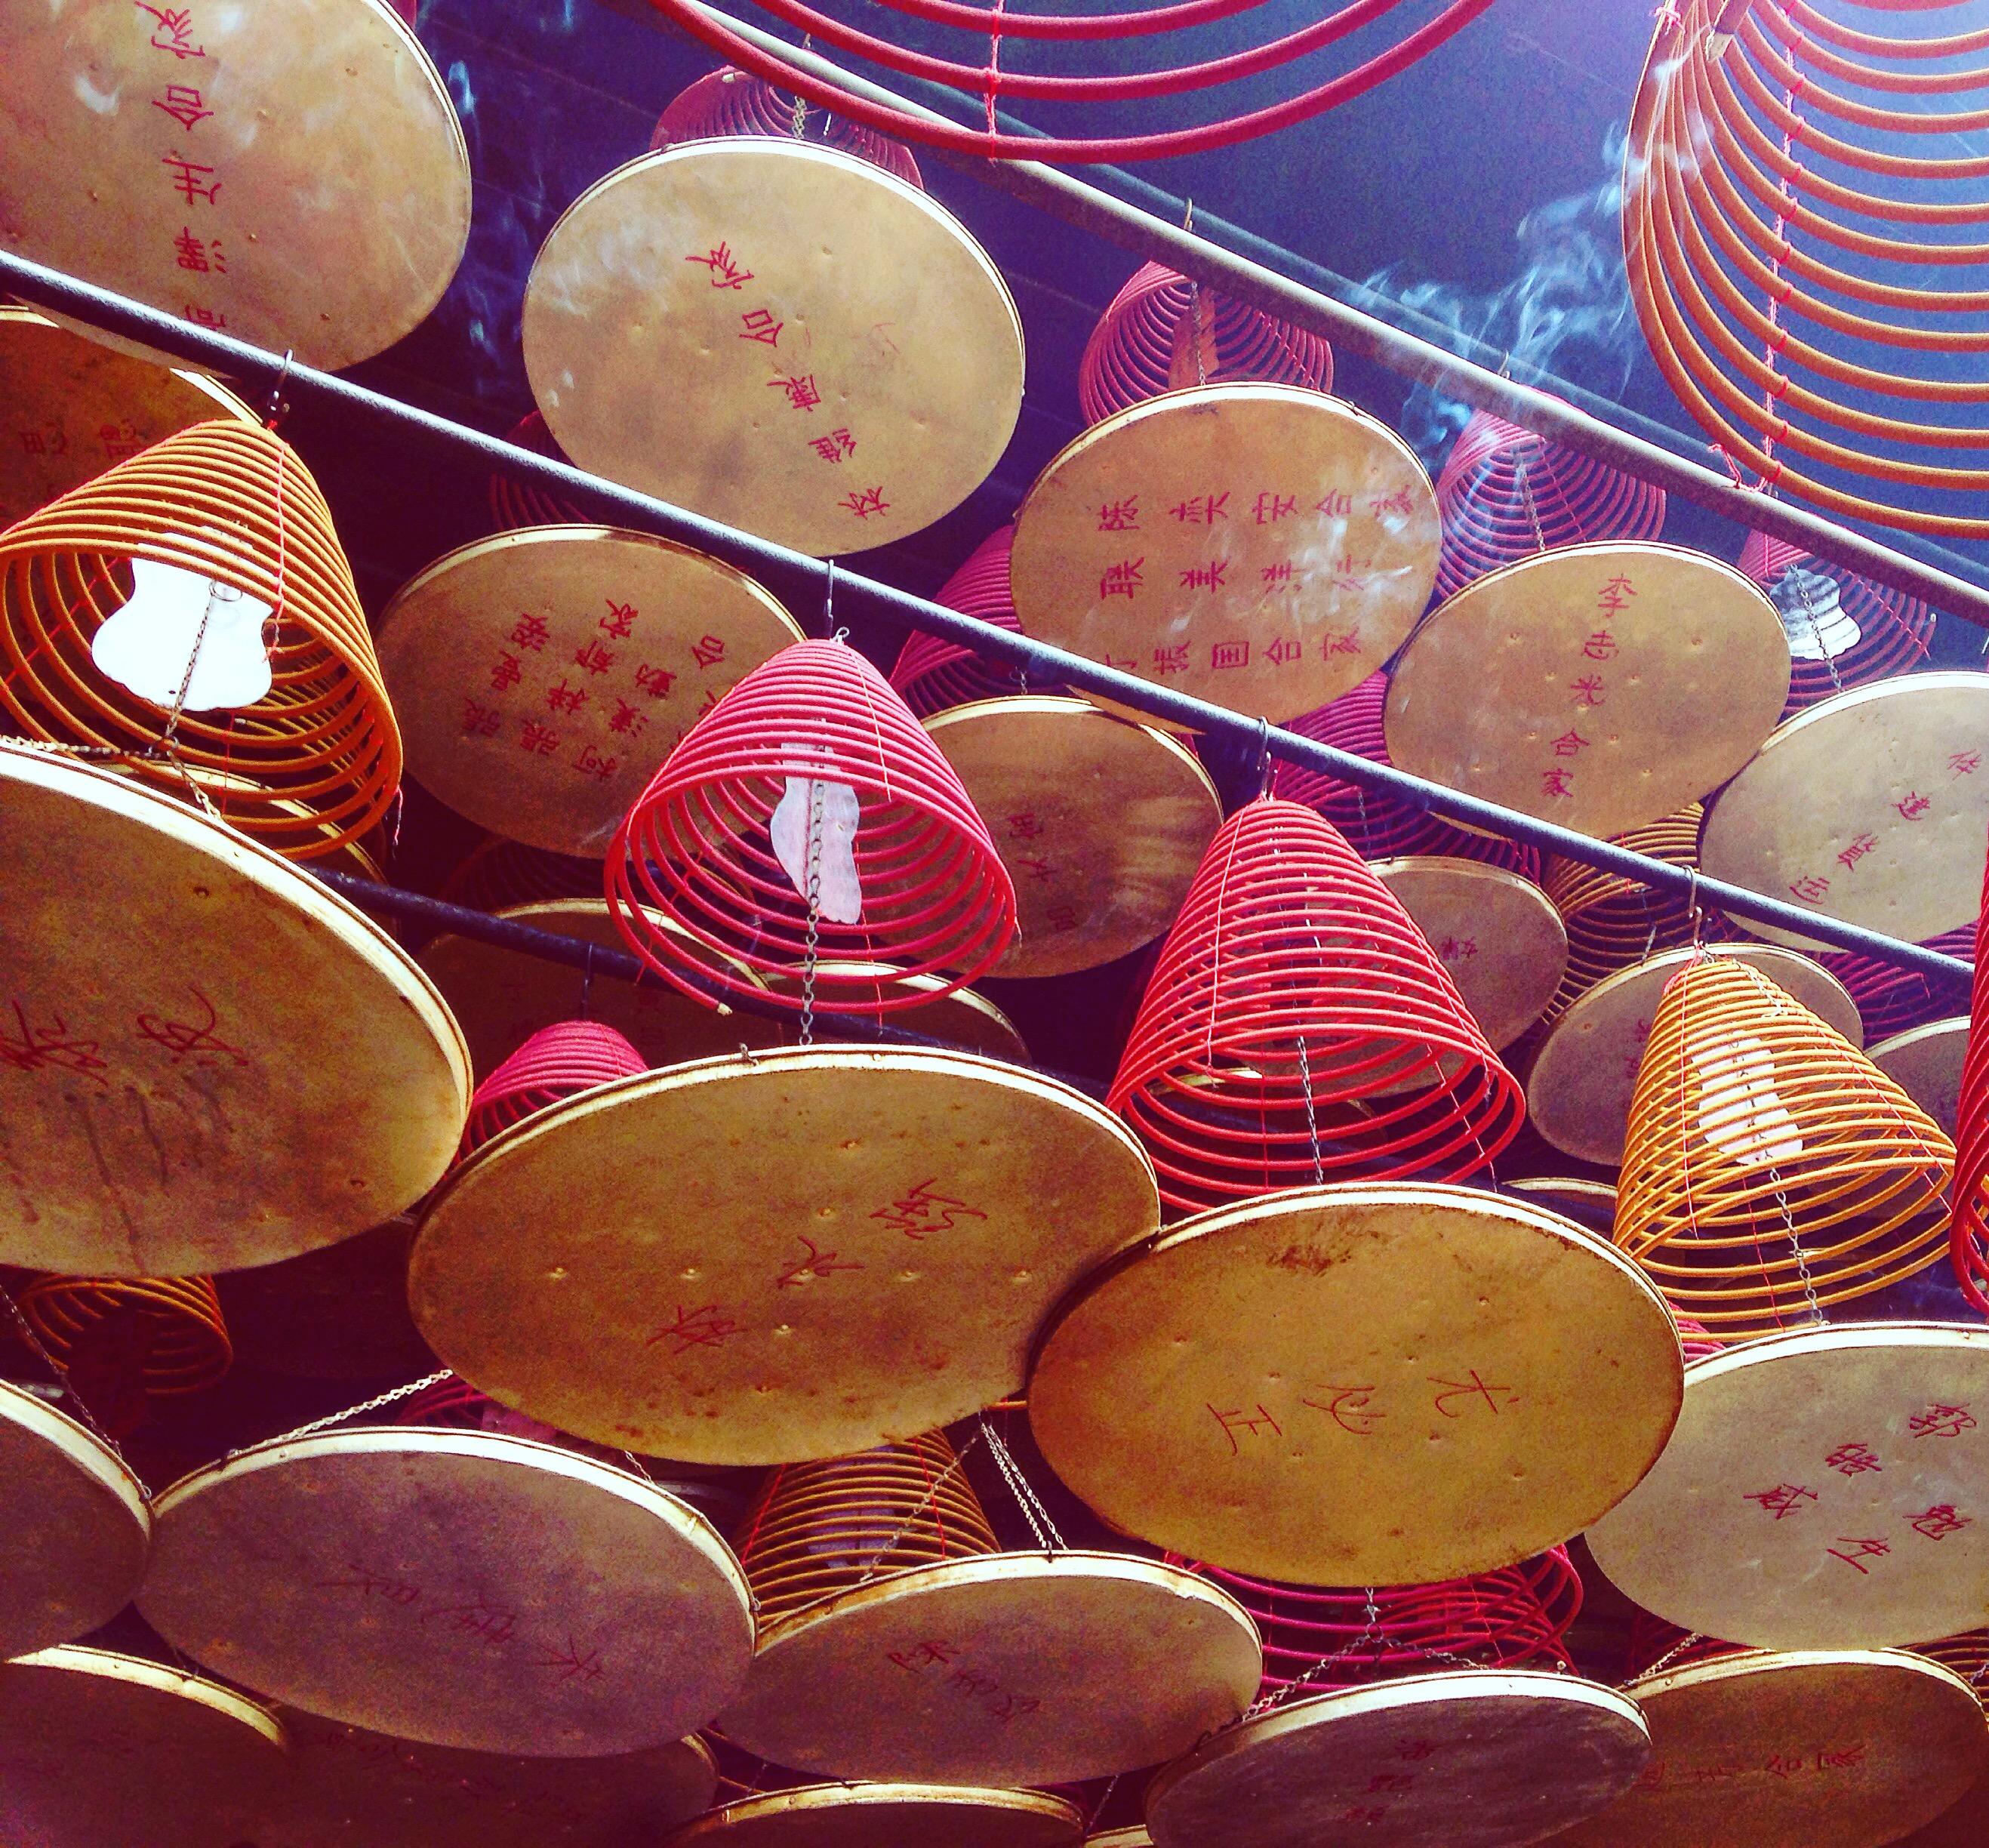 Tin Hau Tempel - wo ich übrigens die einzige Touristin war